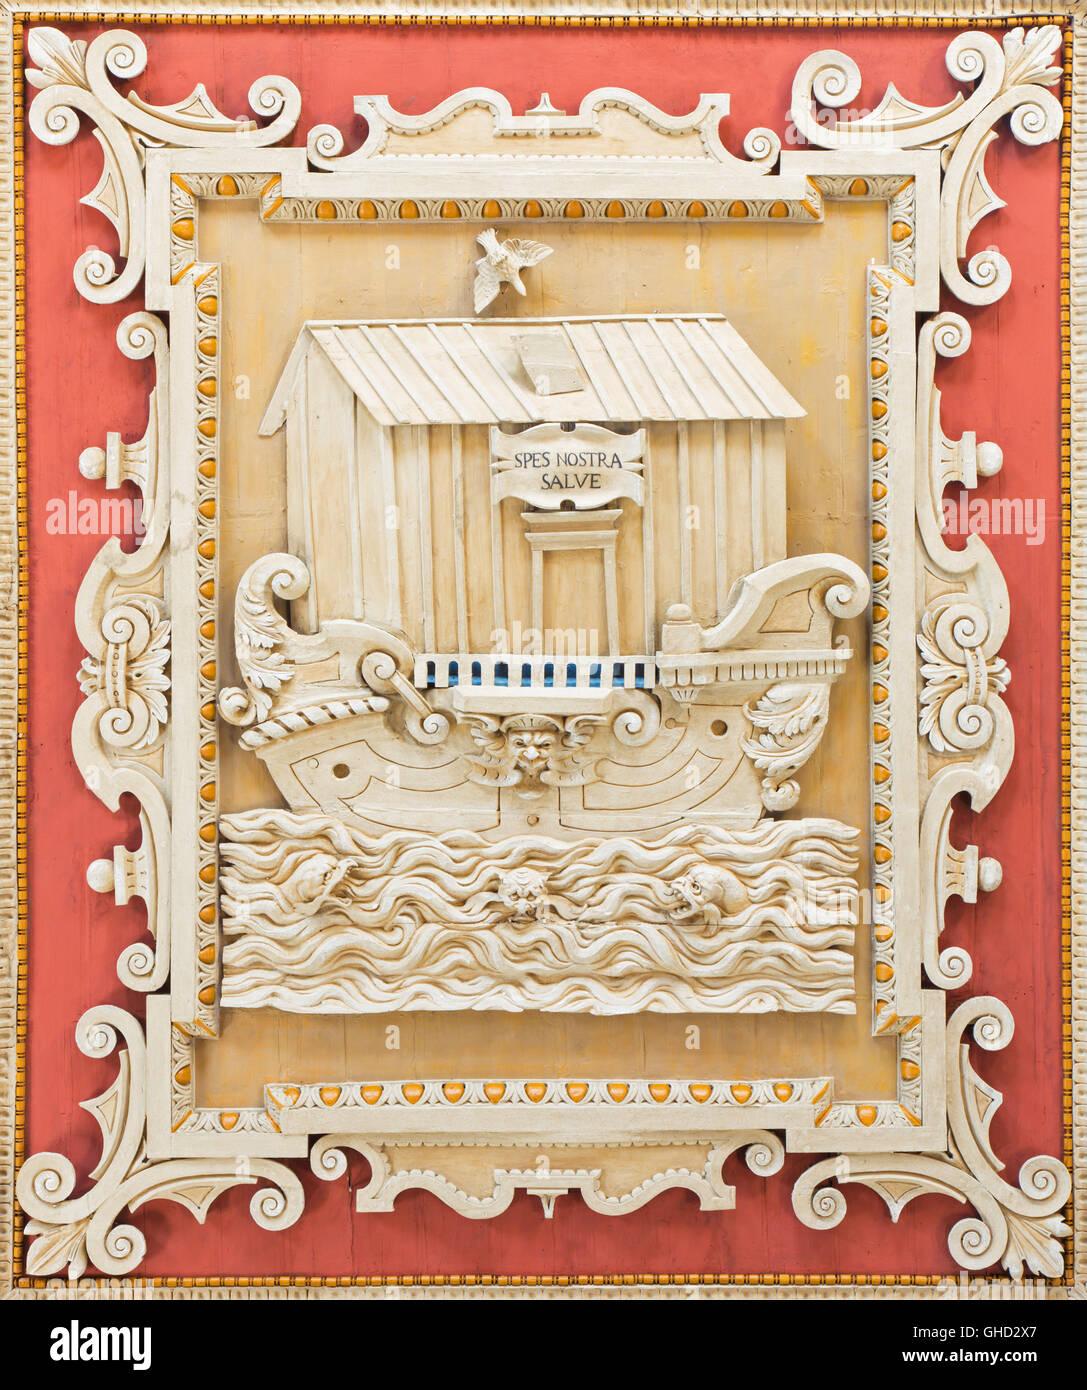 Rom Italien 2016 Detail Der Decke Kassettendecke Geschnitzte